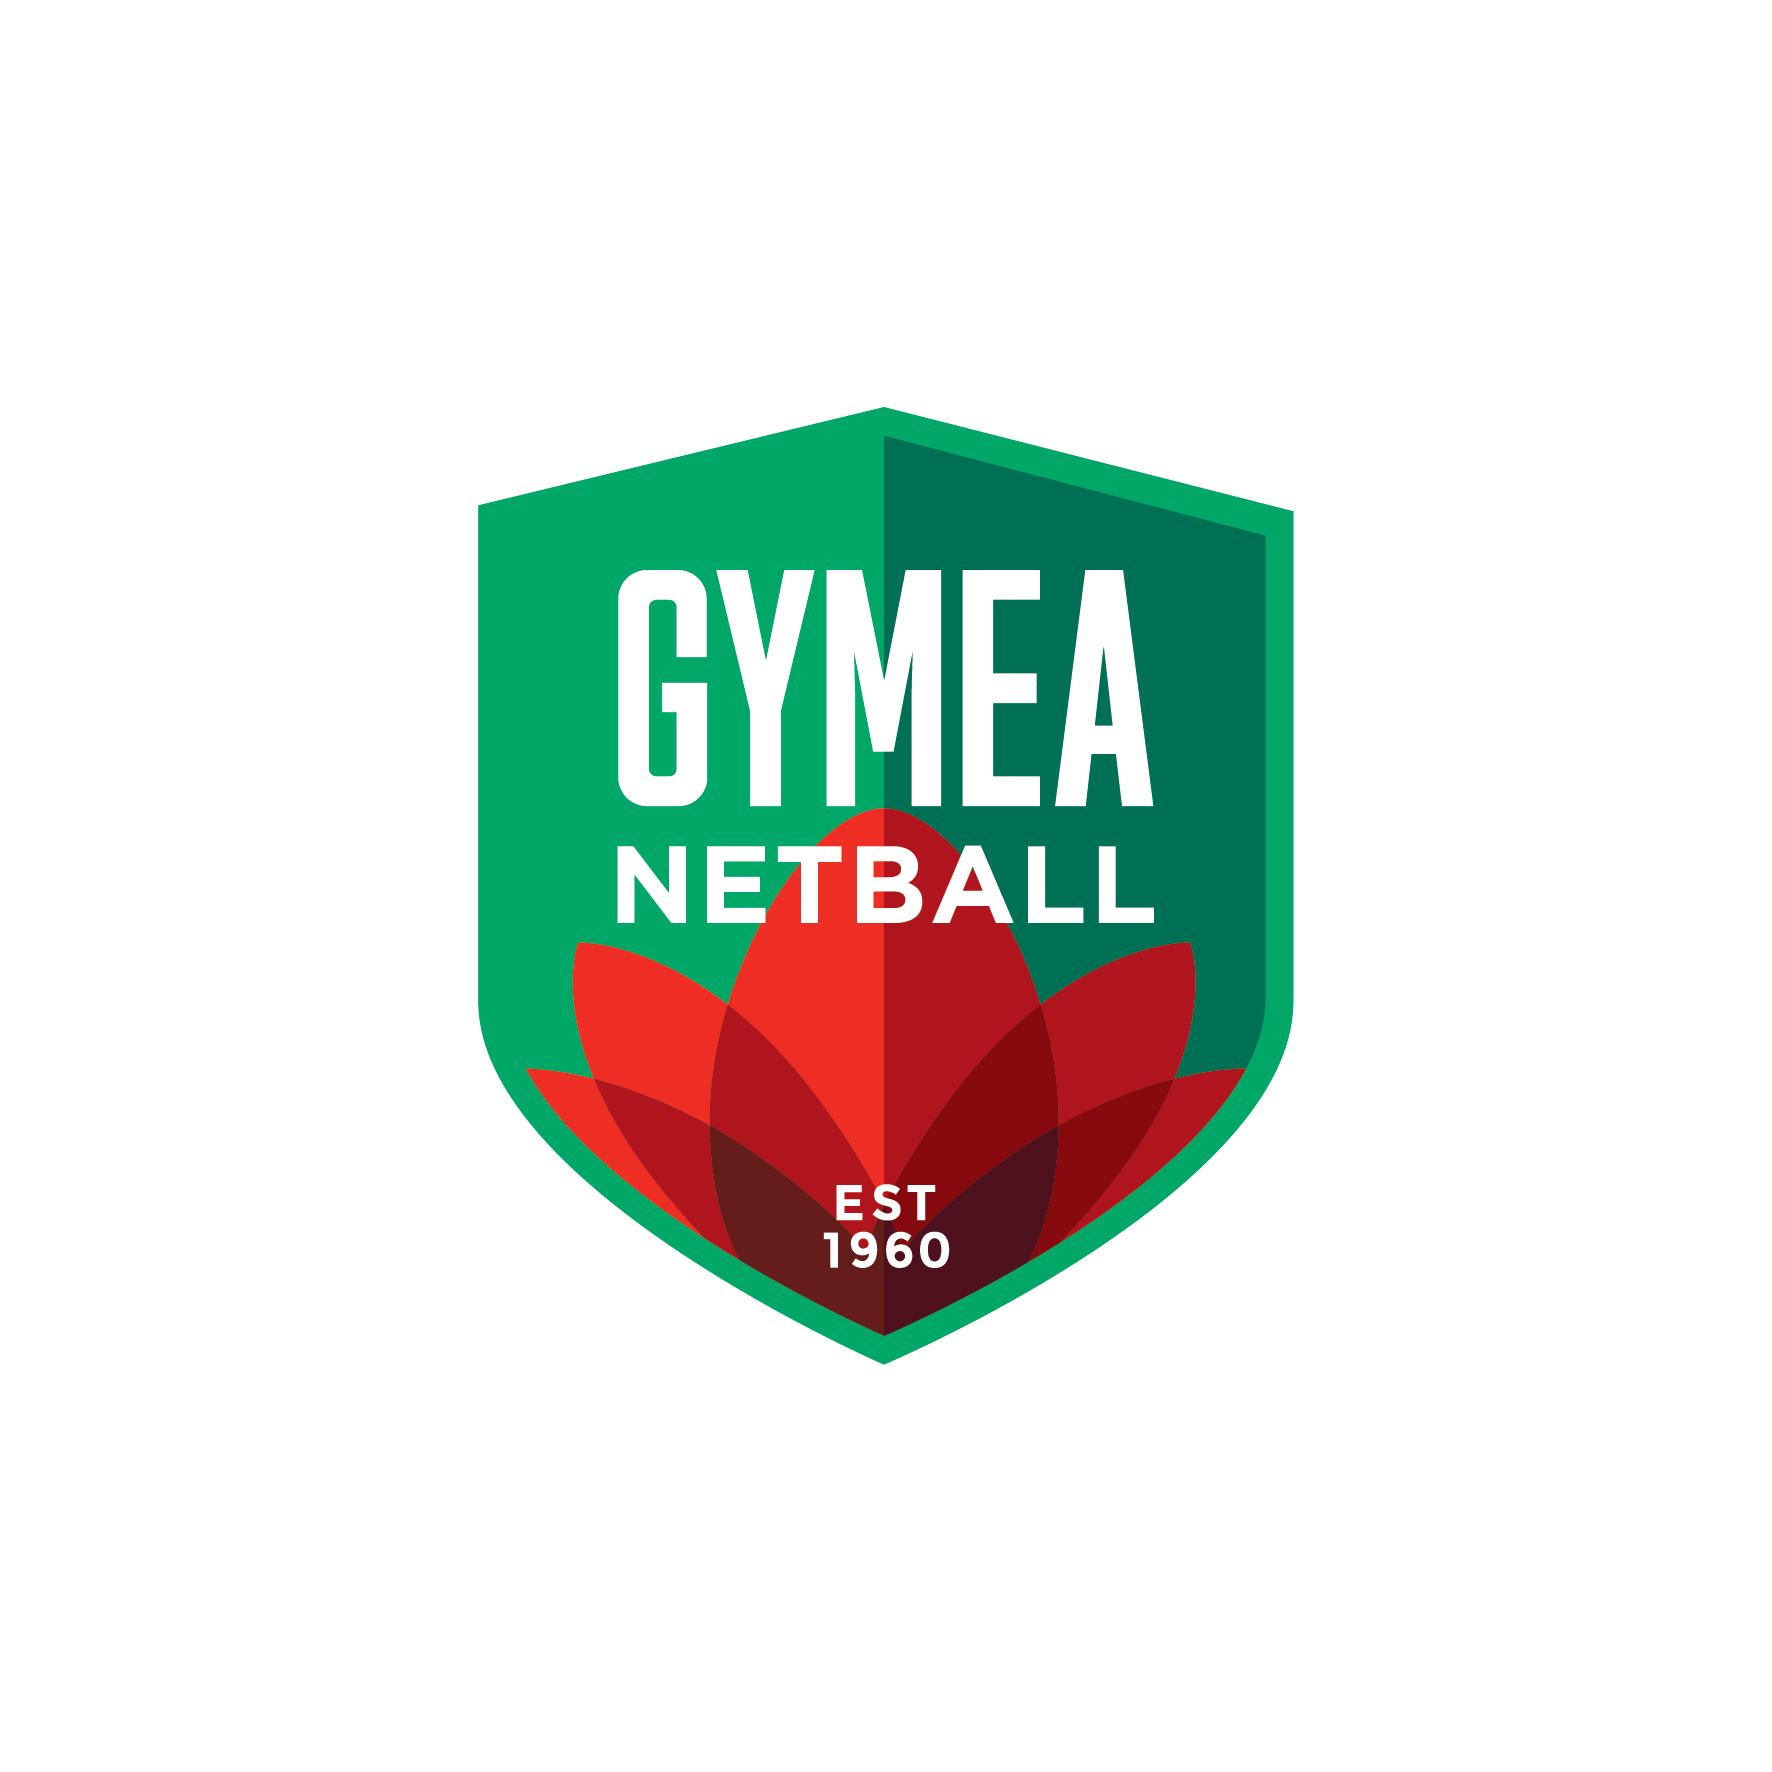 Gymea_Netball_Logo_FA_RGB.jpg